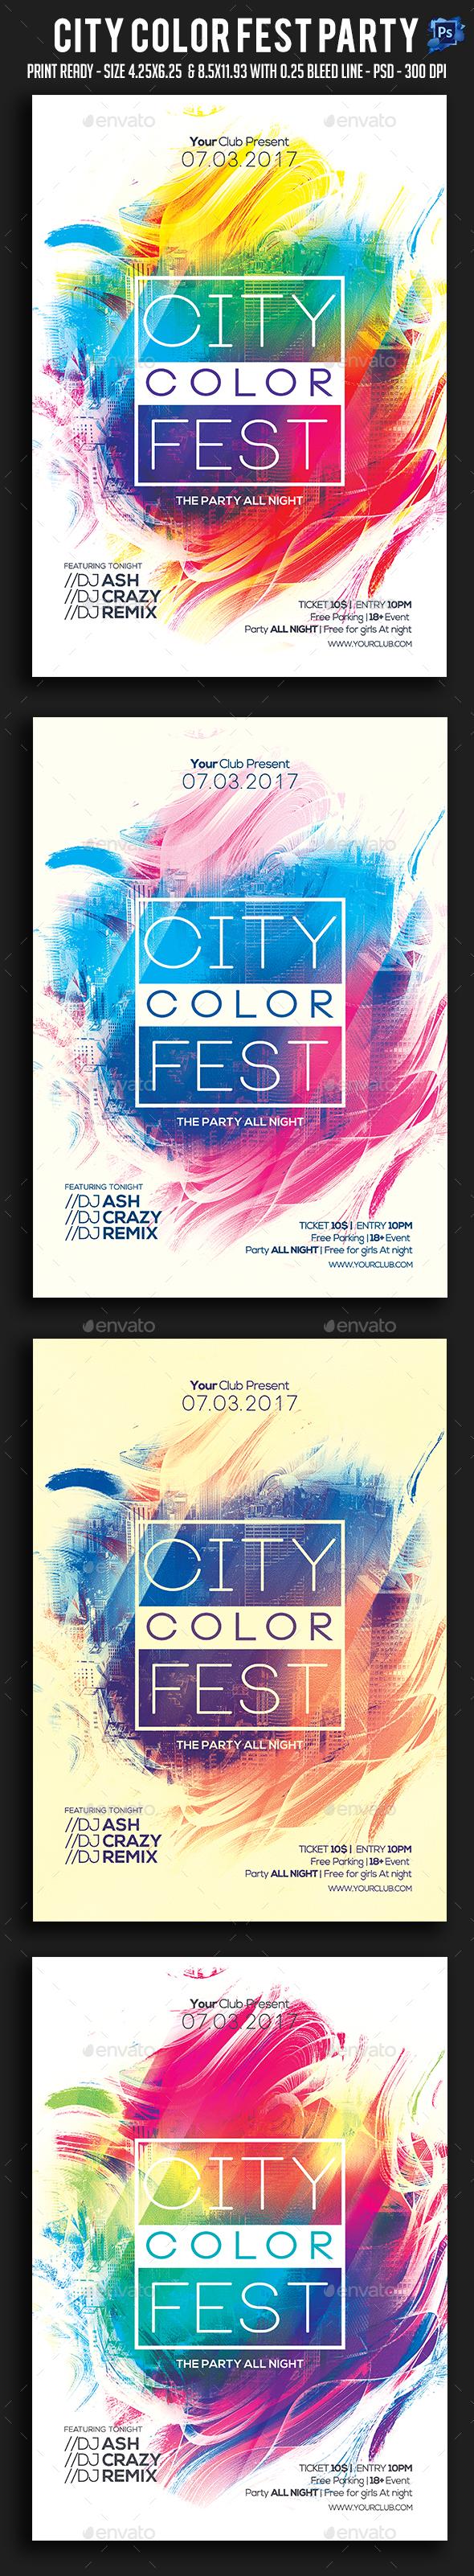 City Color Fest Party Flyer - Clubs & Parties Events